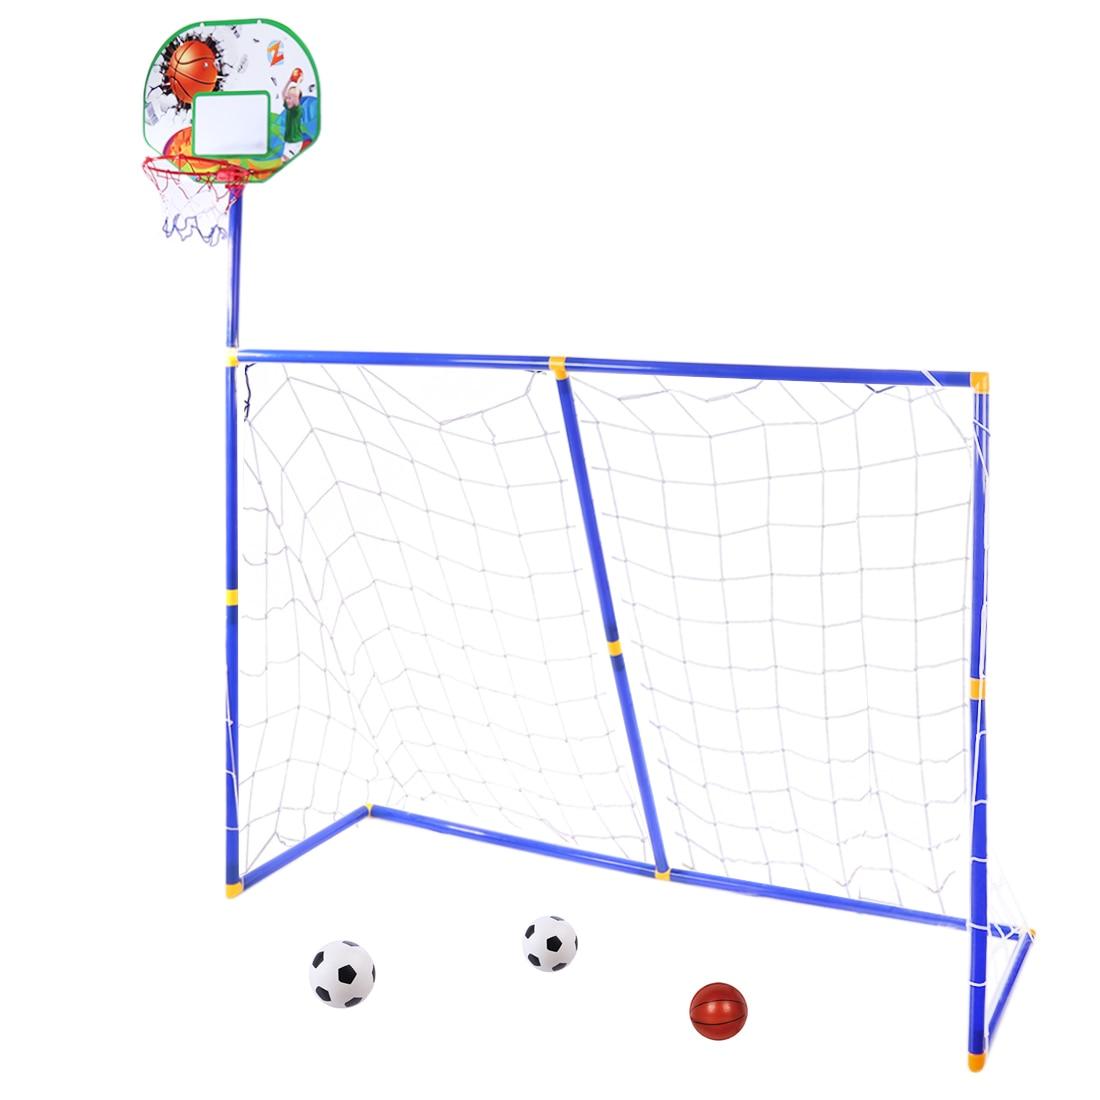 Surwish 3 in 1 Per Bambini Attrezzature Sportive di Calcio di Pallacanestro di Espositori e Alzate per I Bambini All'aperto Giocattolo-ZG270-16